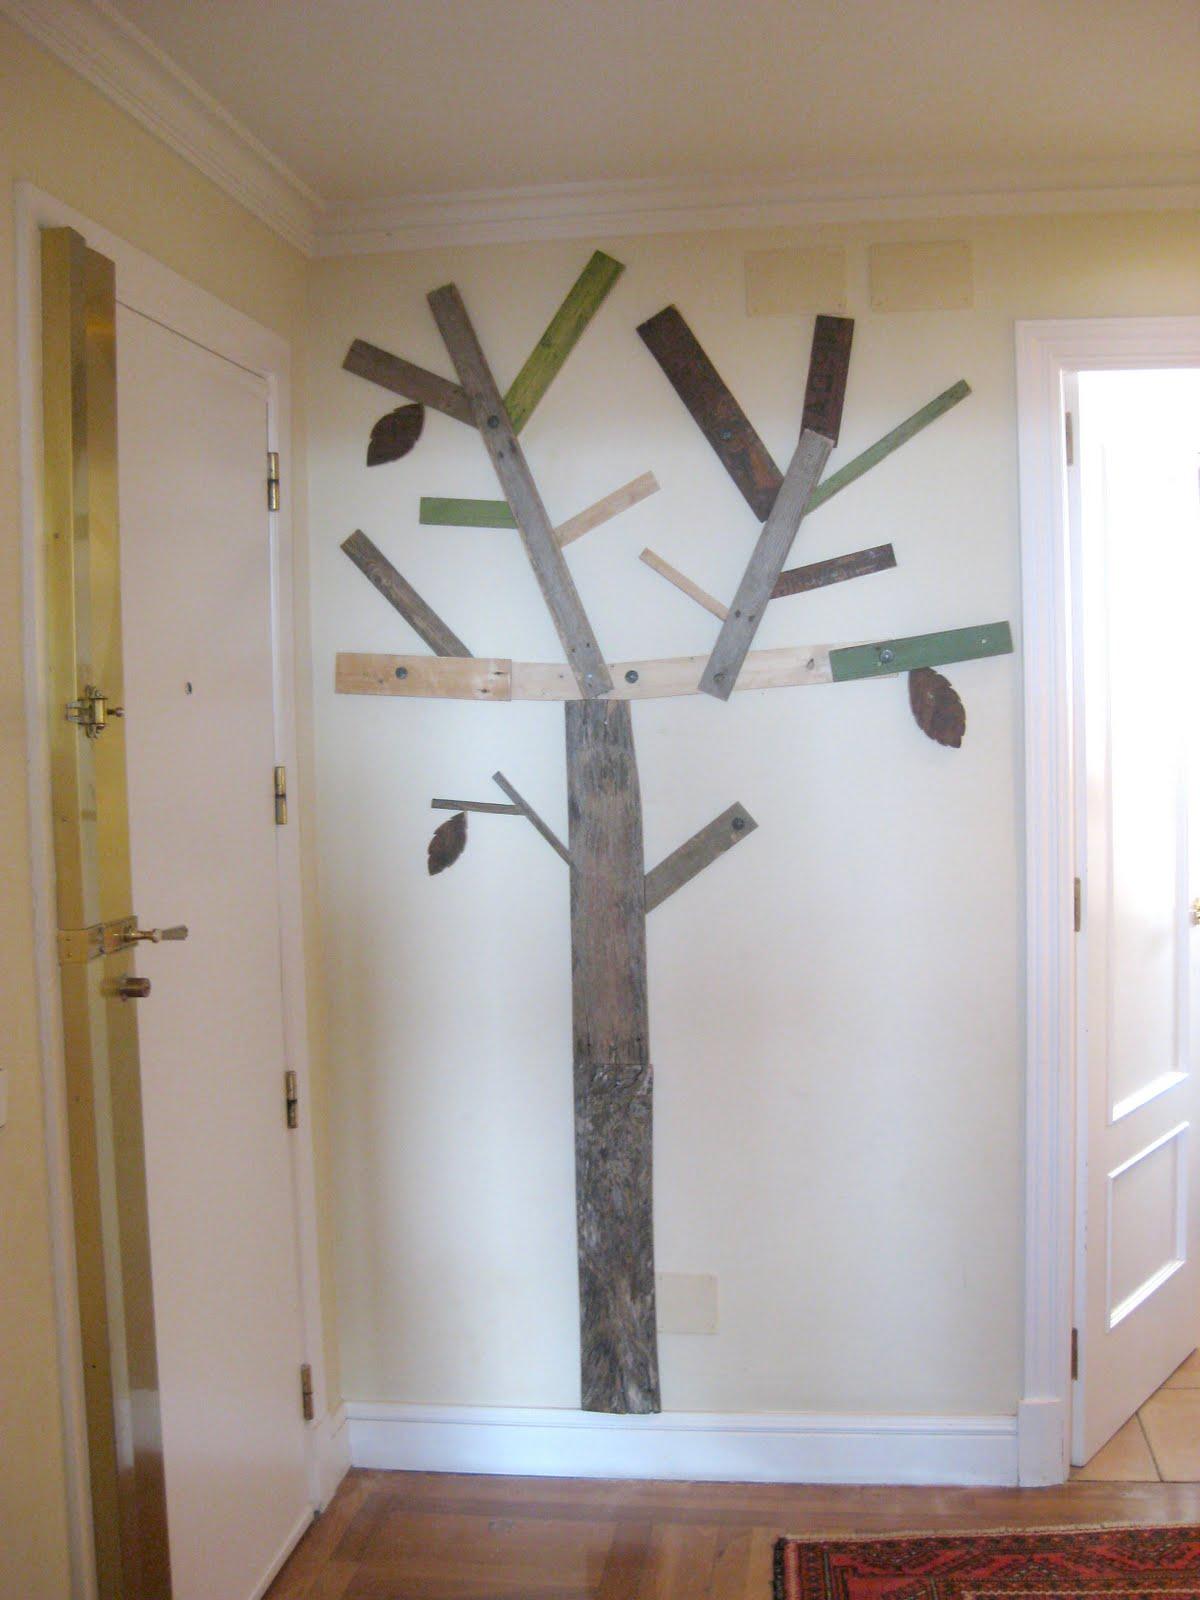 segn encargo realizado por el cliente realizamos una escultura con forma de arbol que al mismo tiempo sirve de perchero materiales reciclados y tratados